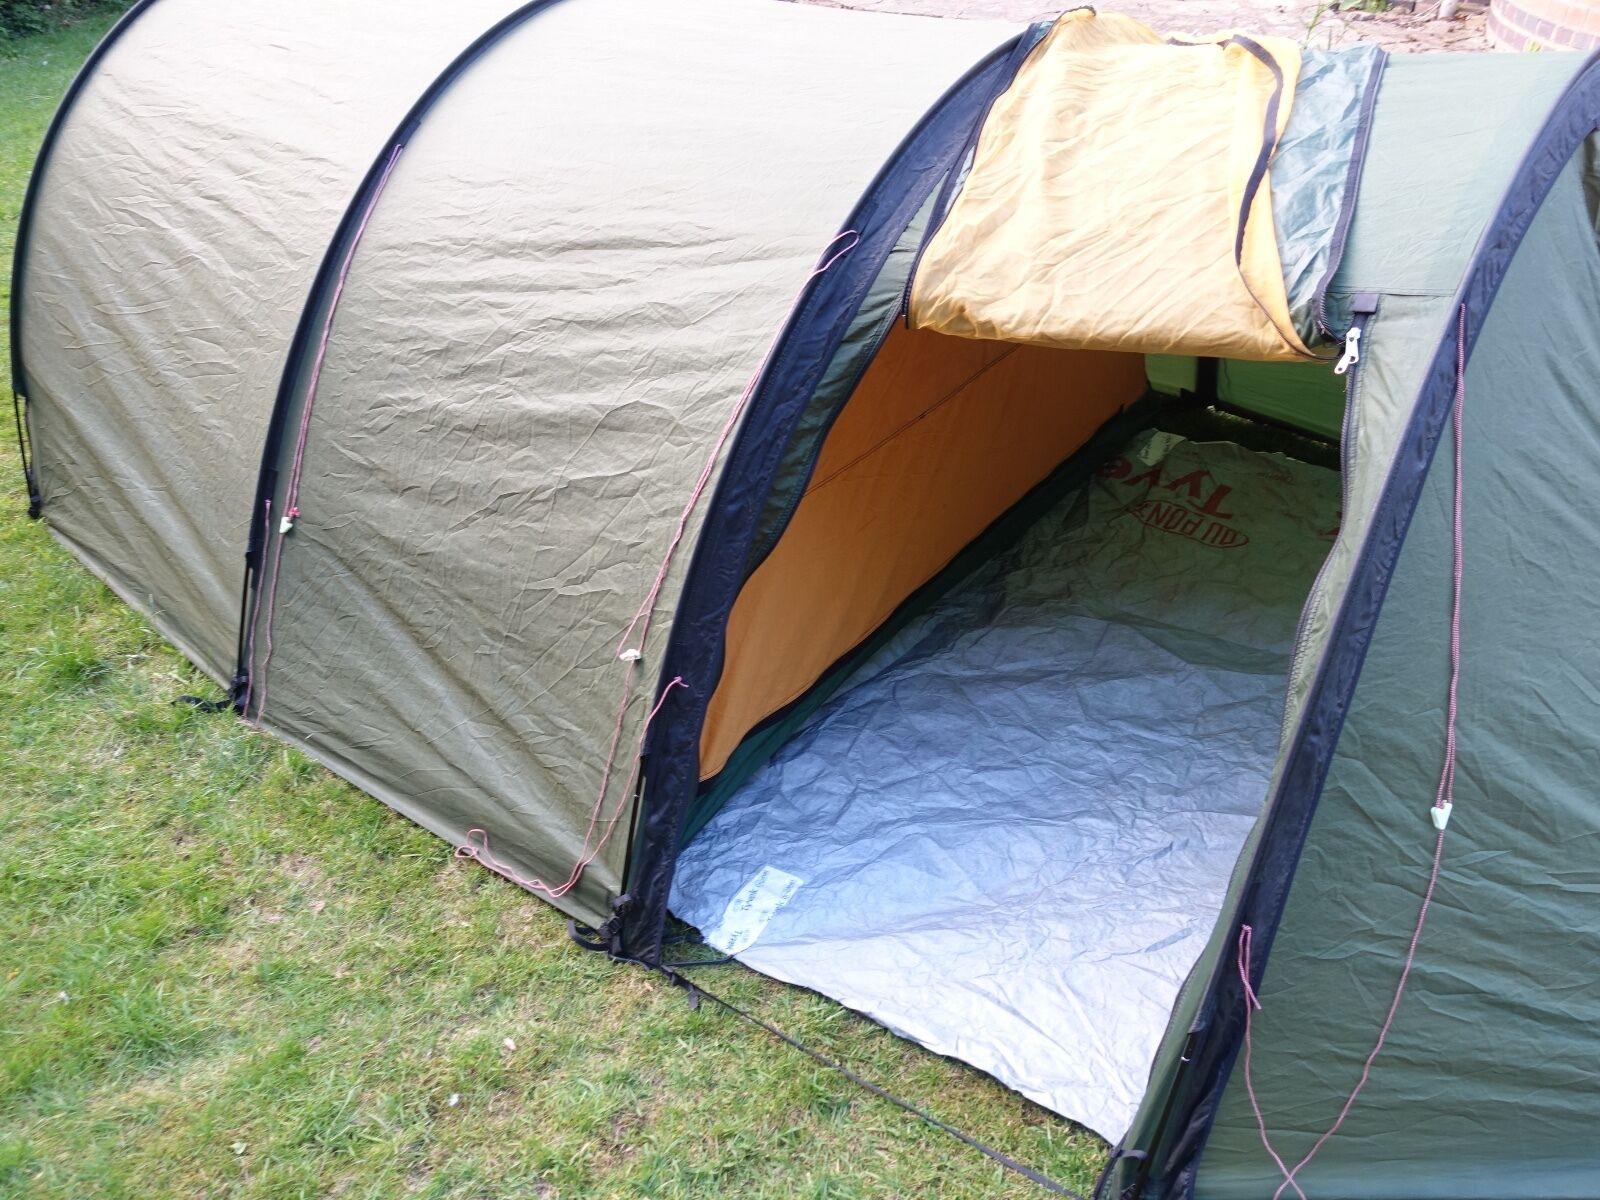 Tyvek footprints to fit Hilleberg Keron tent  3 or 4;  inner, full or full-GT